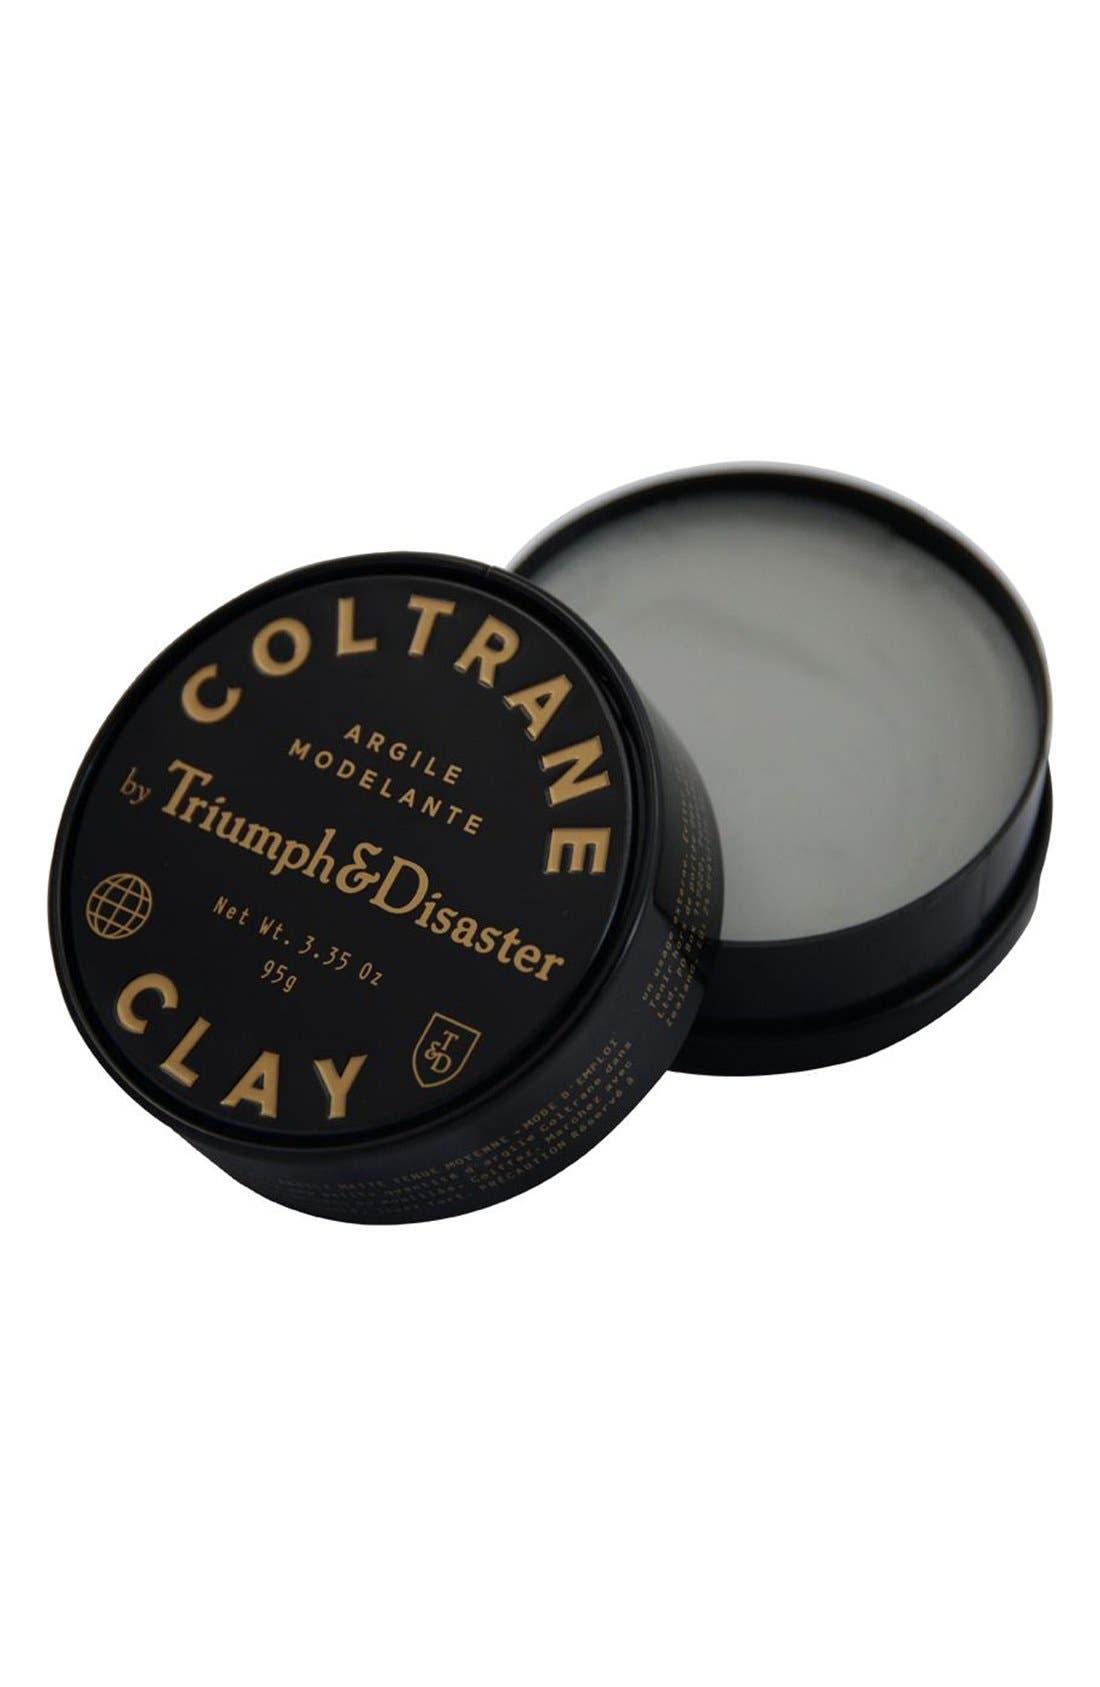 Triumph & Disaster 'Coltrane' Clay